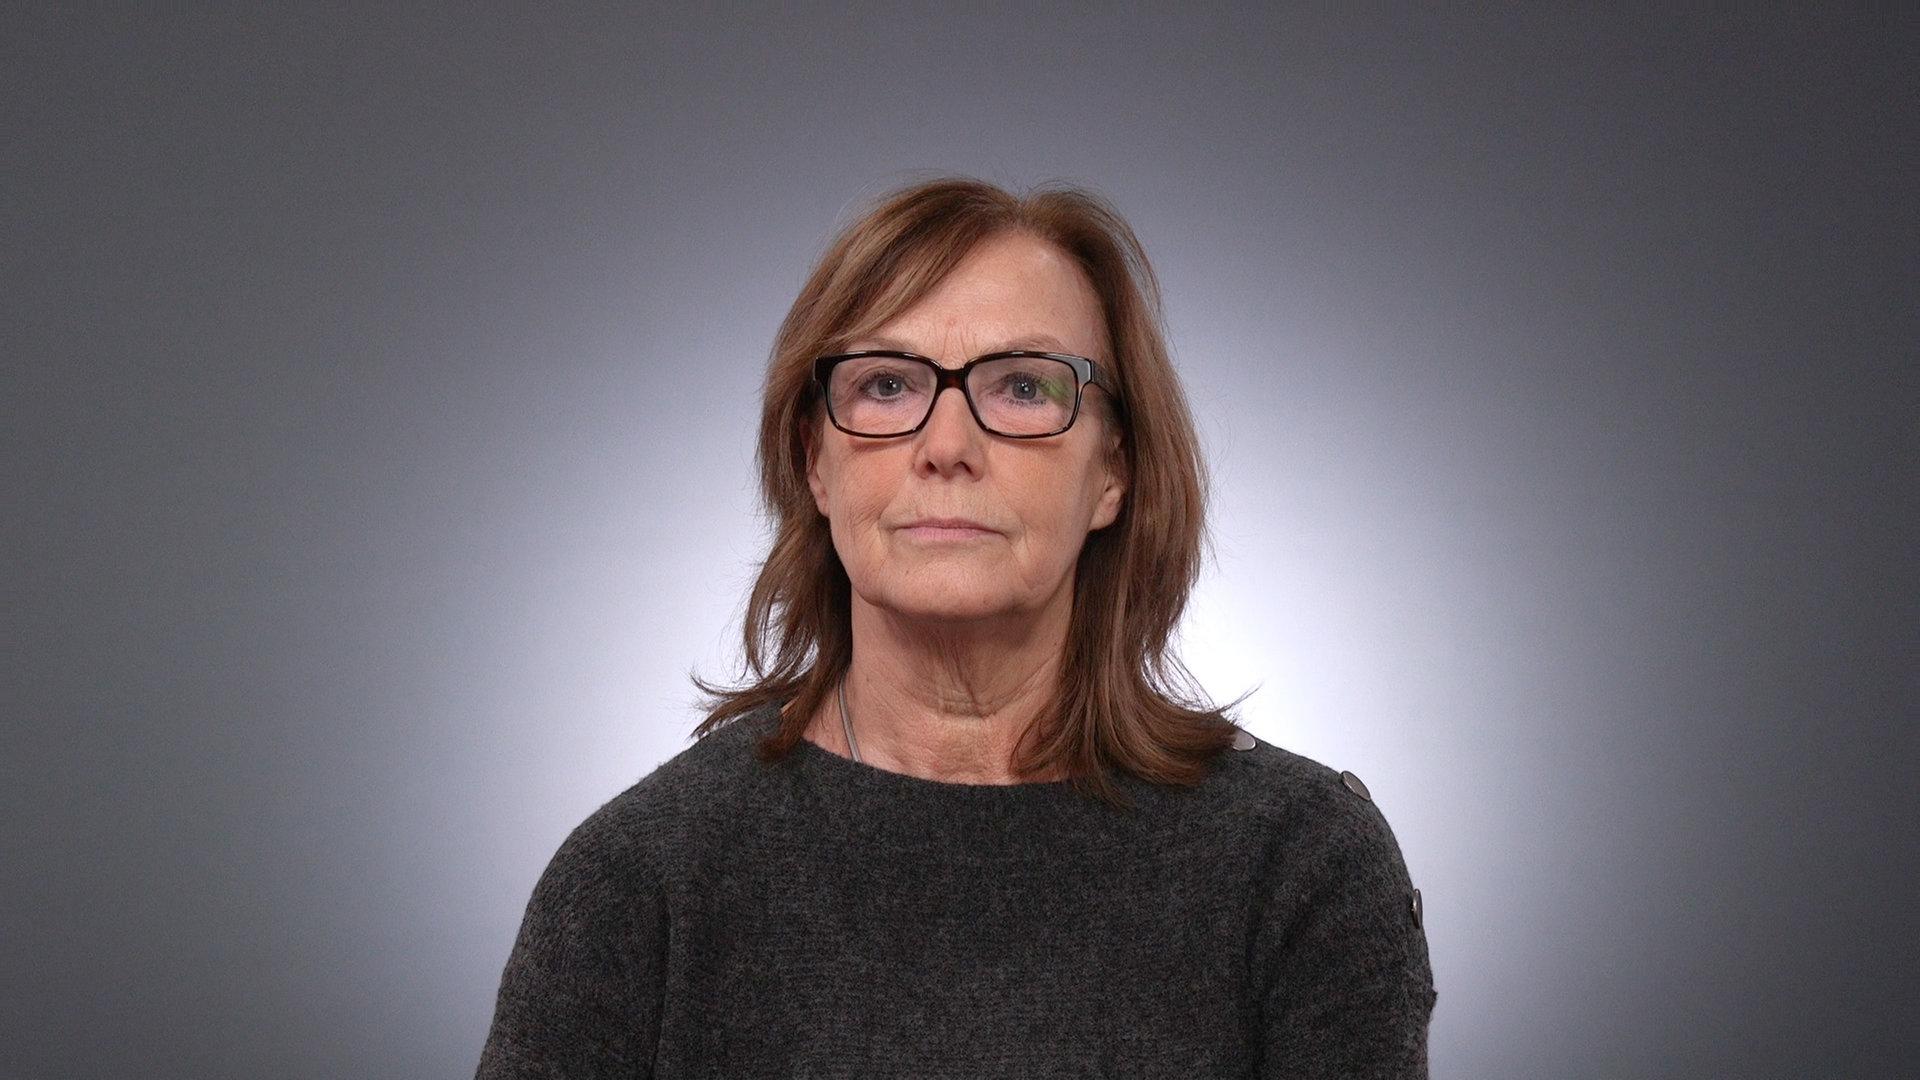 Sabine Boeddinghaus, DIE LINKE